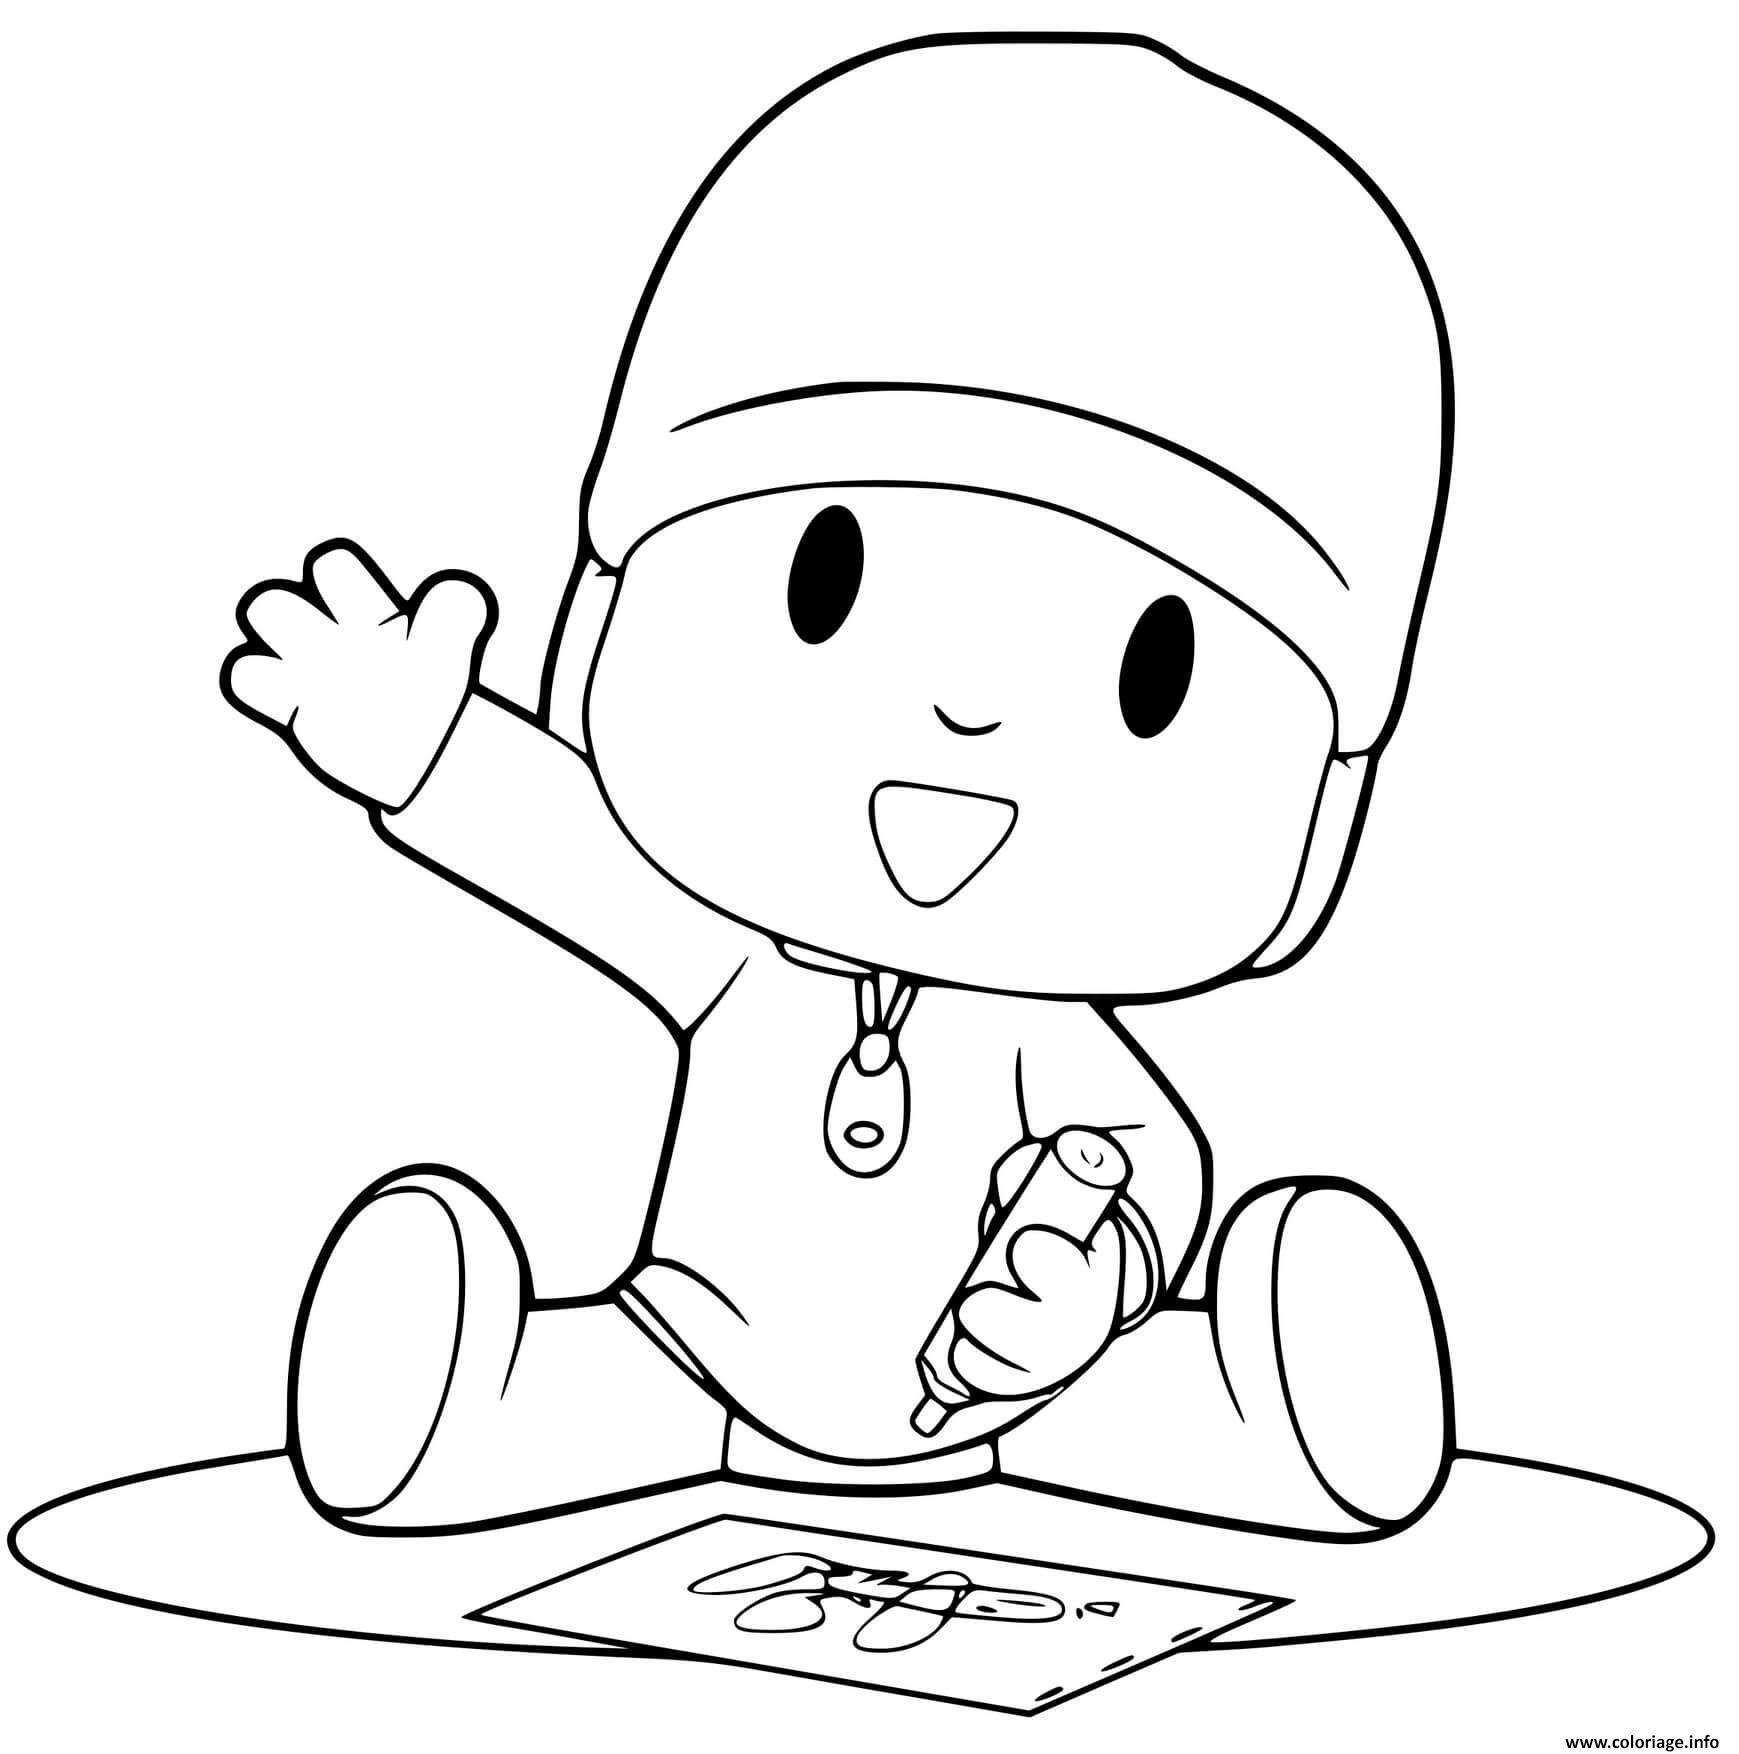 Dessin pocoyo fait des dessins Coloriage Gratuit à Imprimer